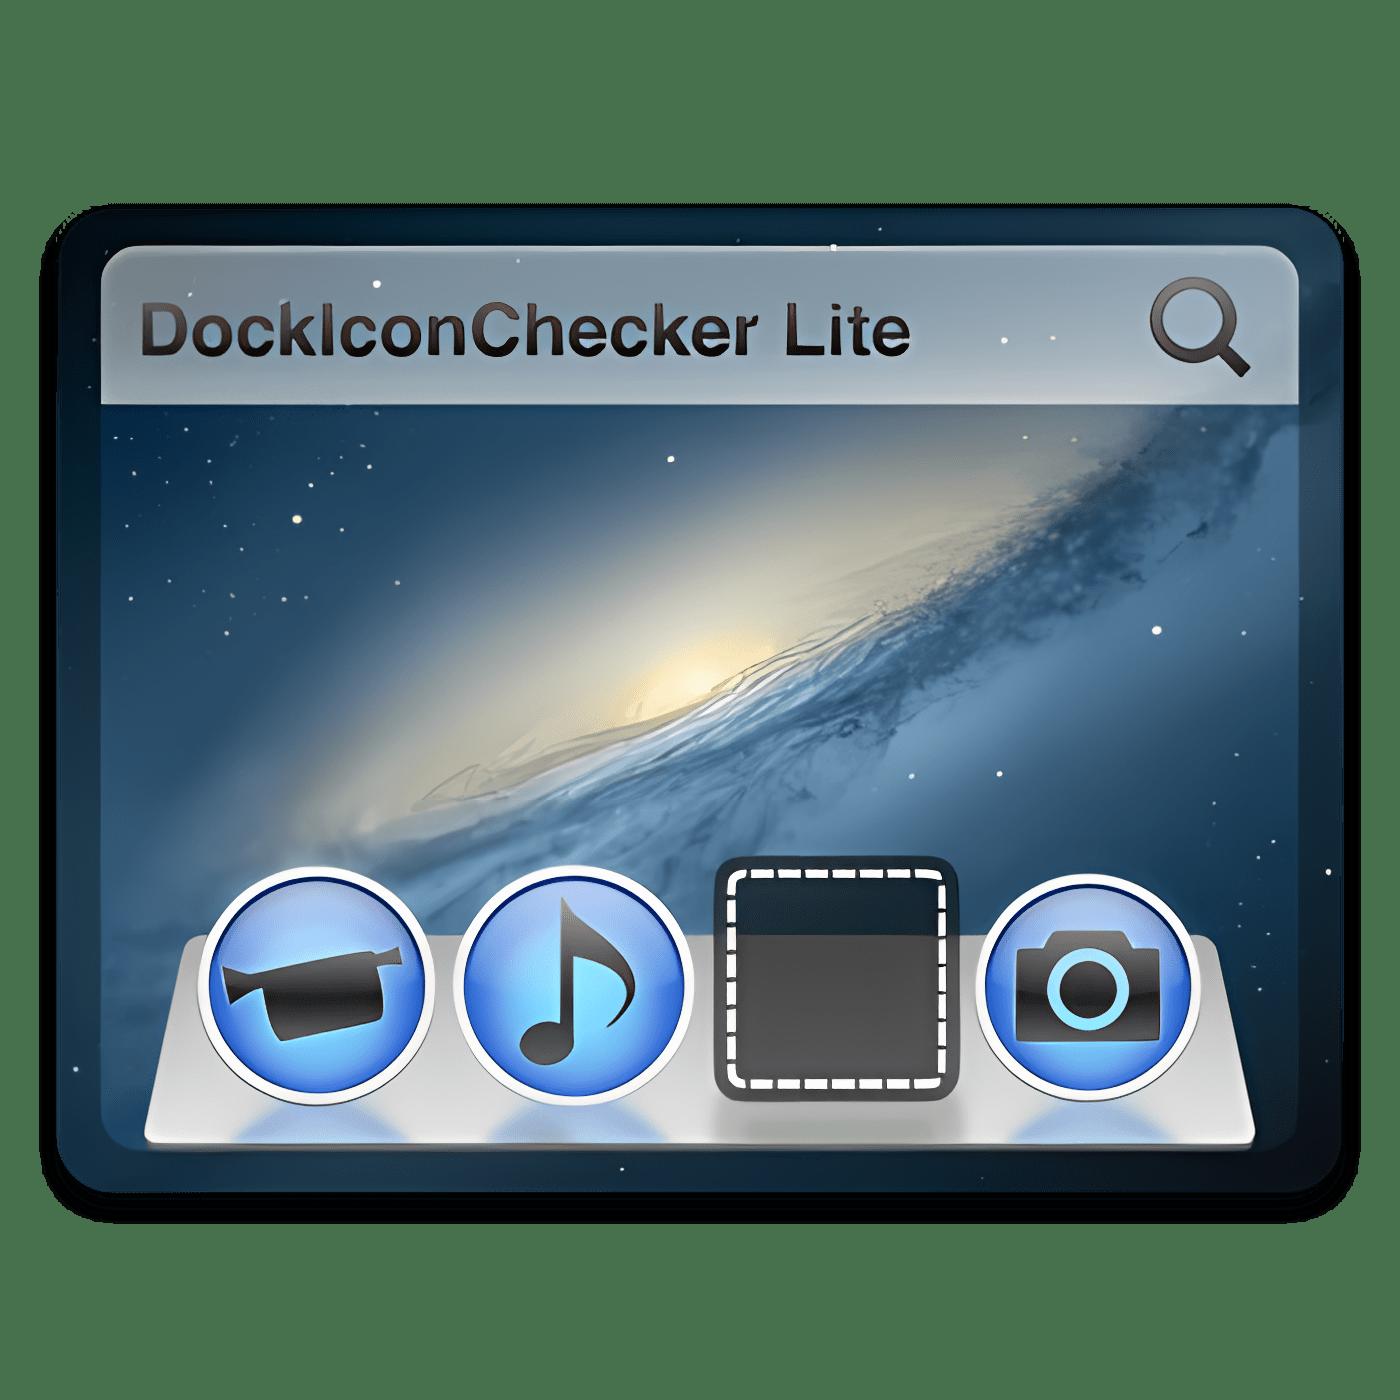 DockIconChecker Lite 1.0.5